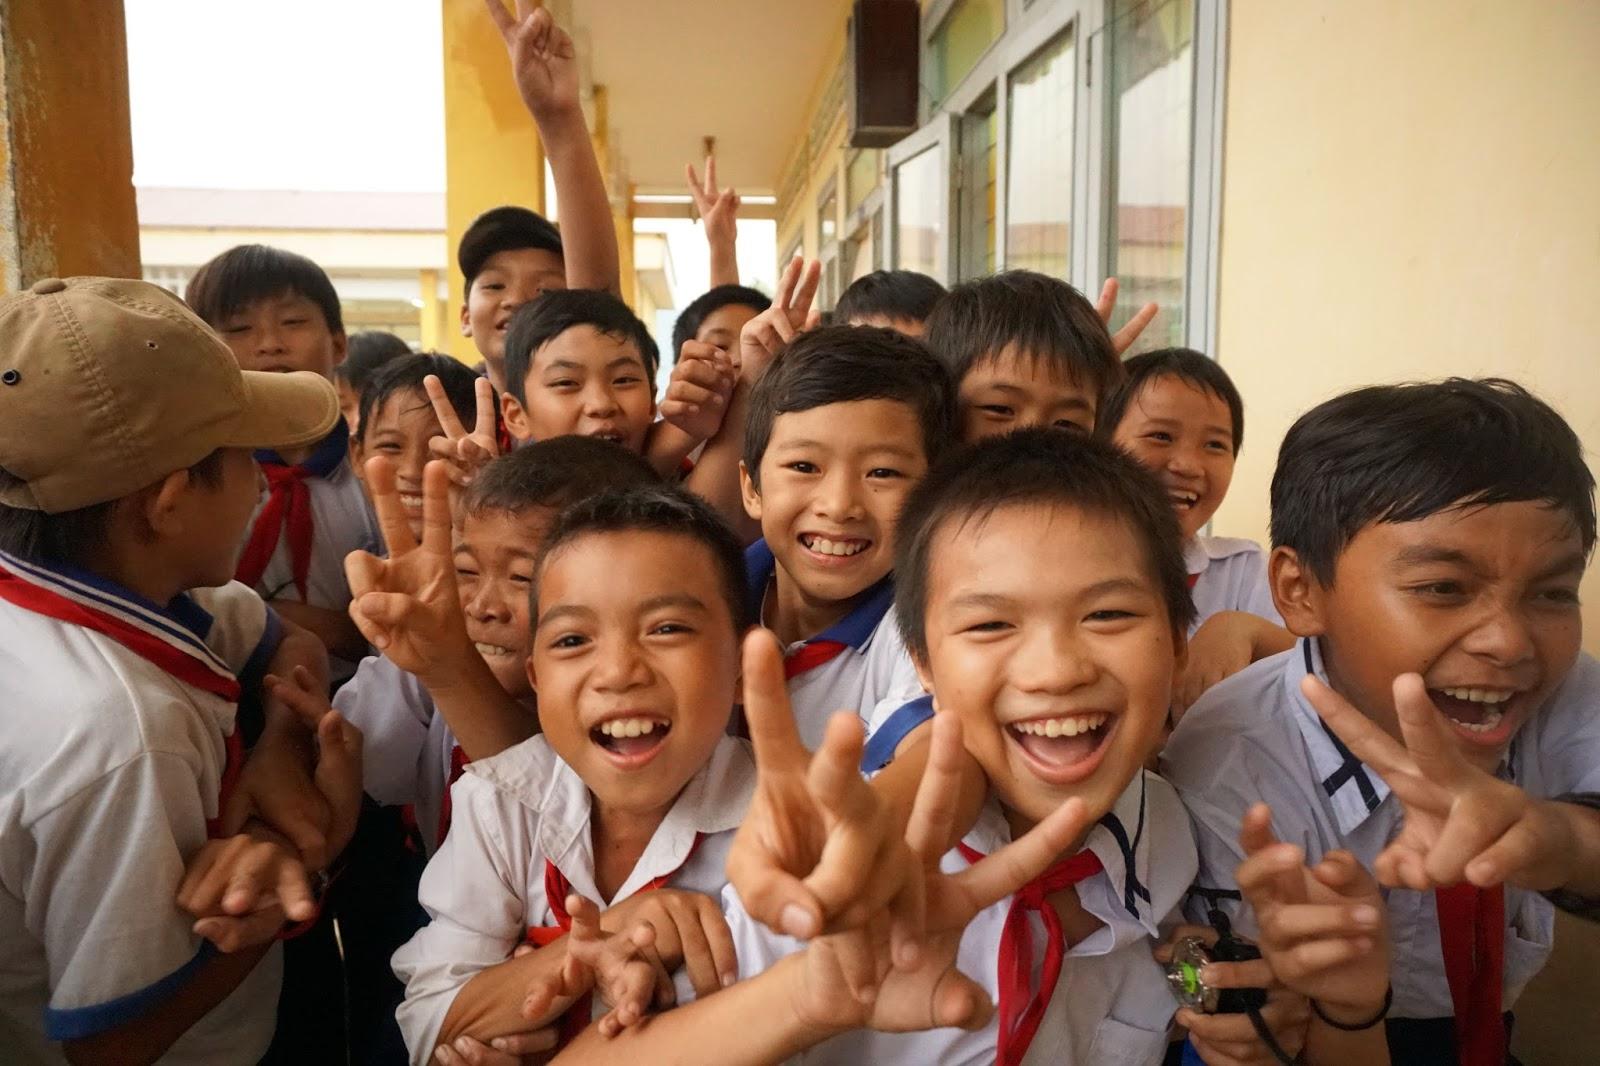 Cảm xúc chúng tôi nhận được trong chuyến hành trình về Tiền Giang